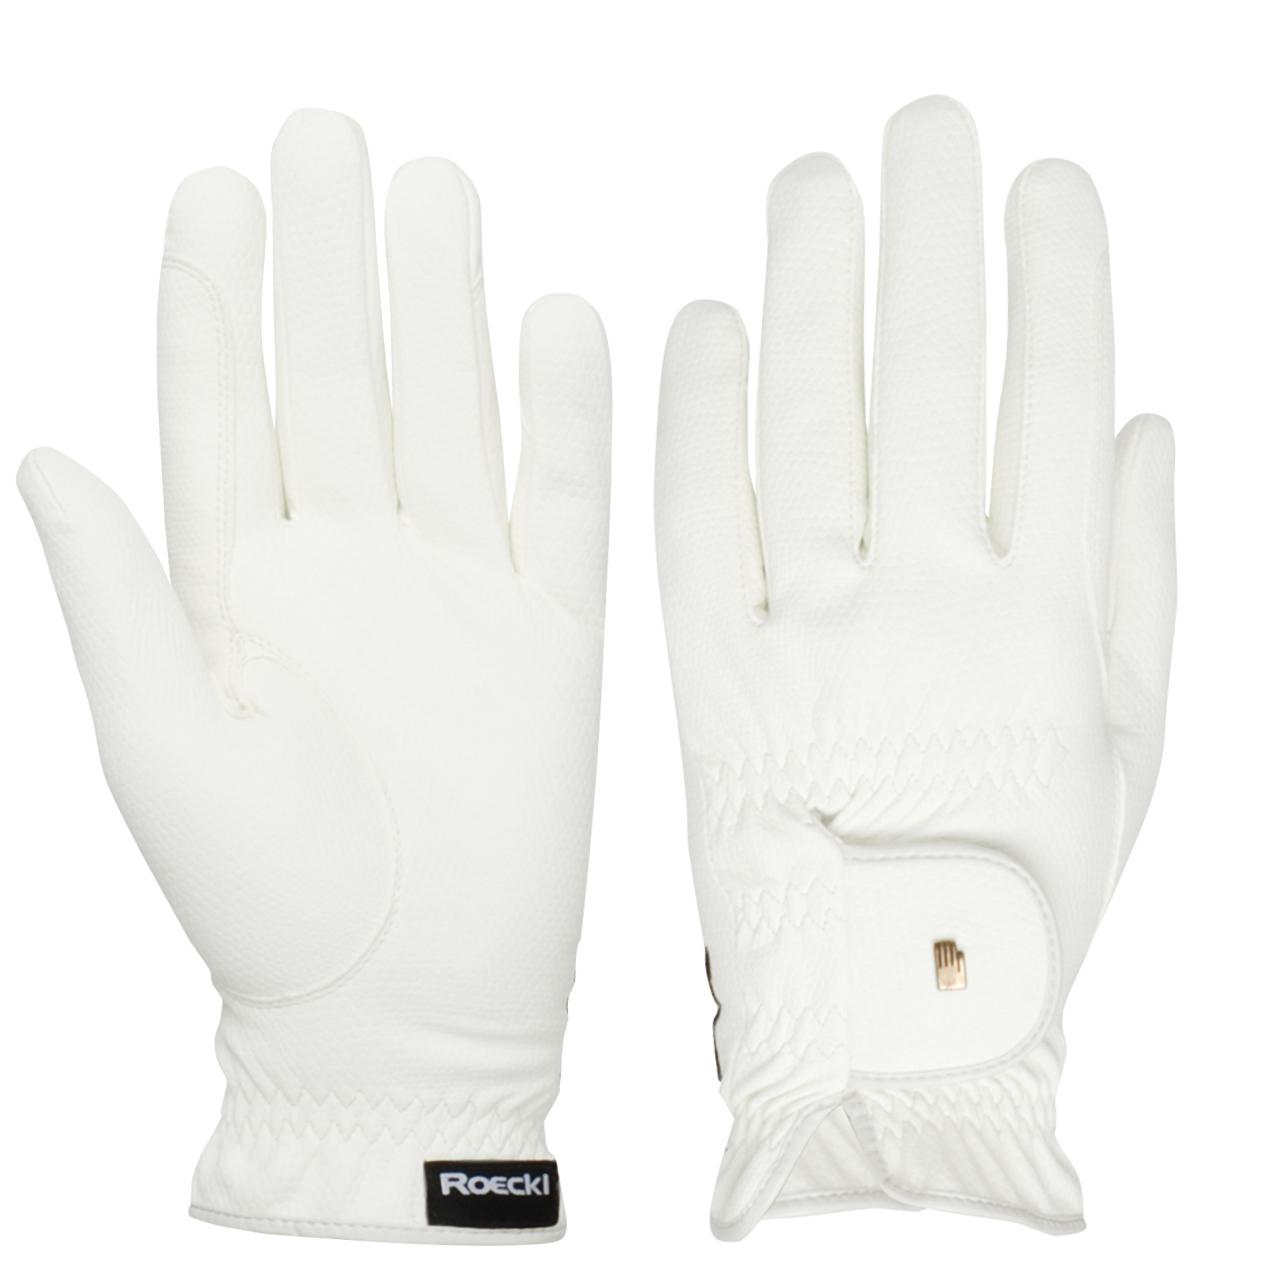 Roeckl Roeck grip Handschoen wit maat:7